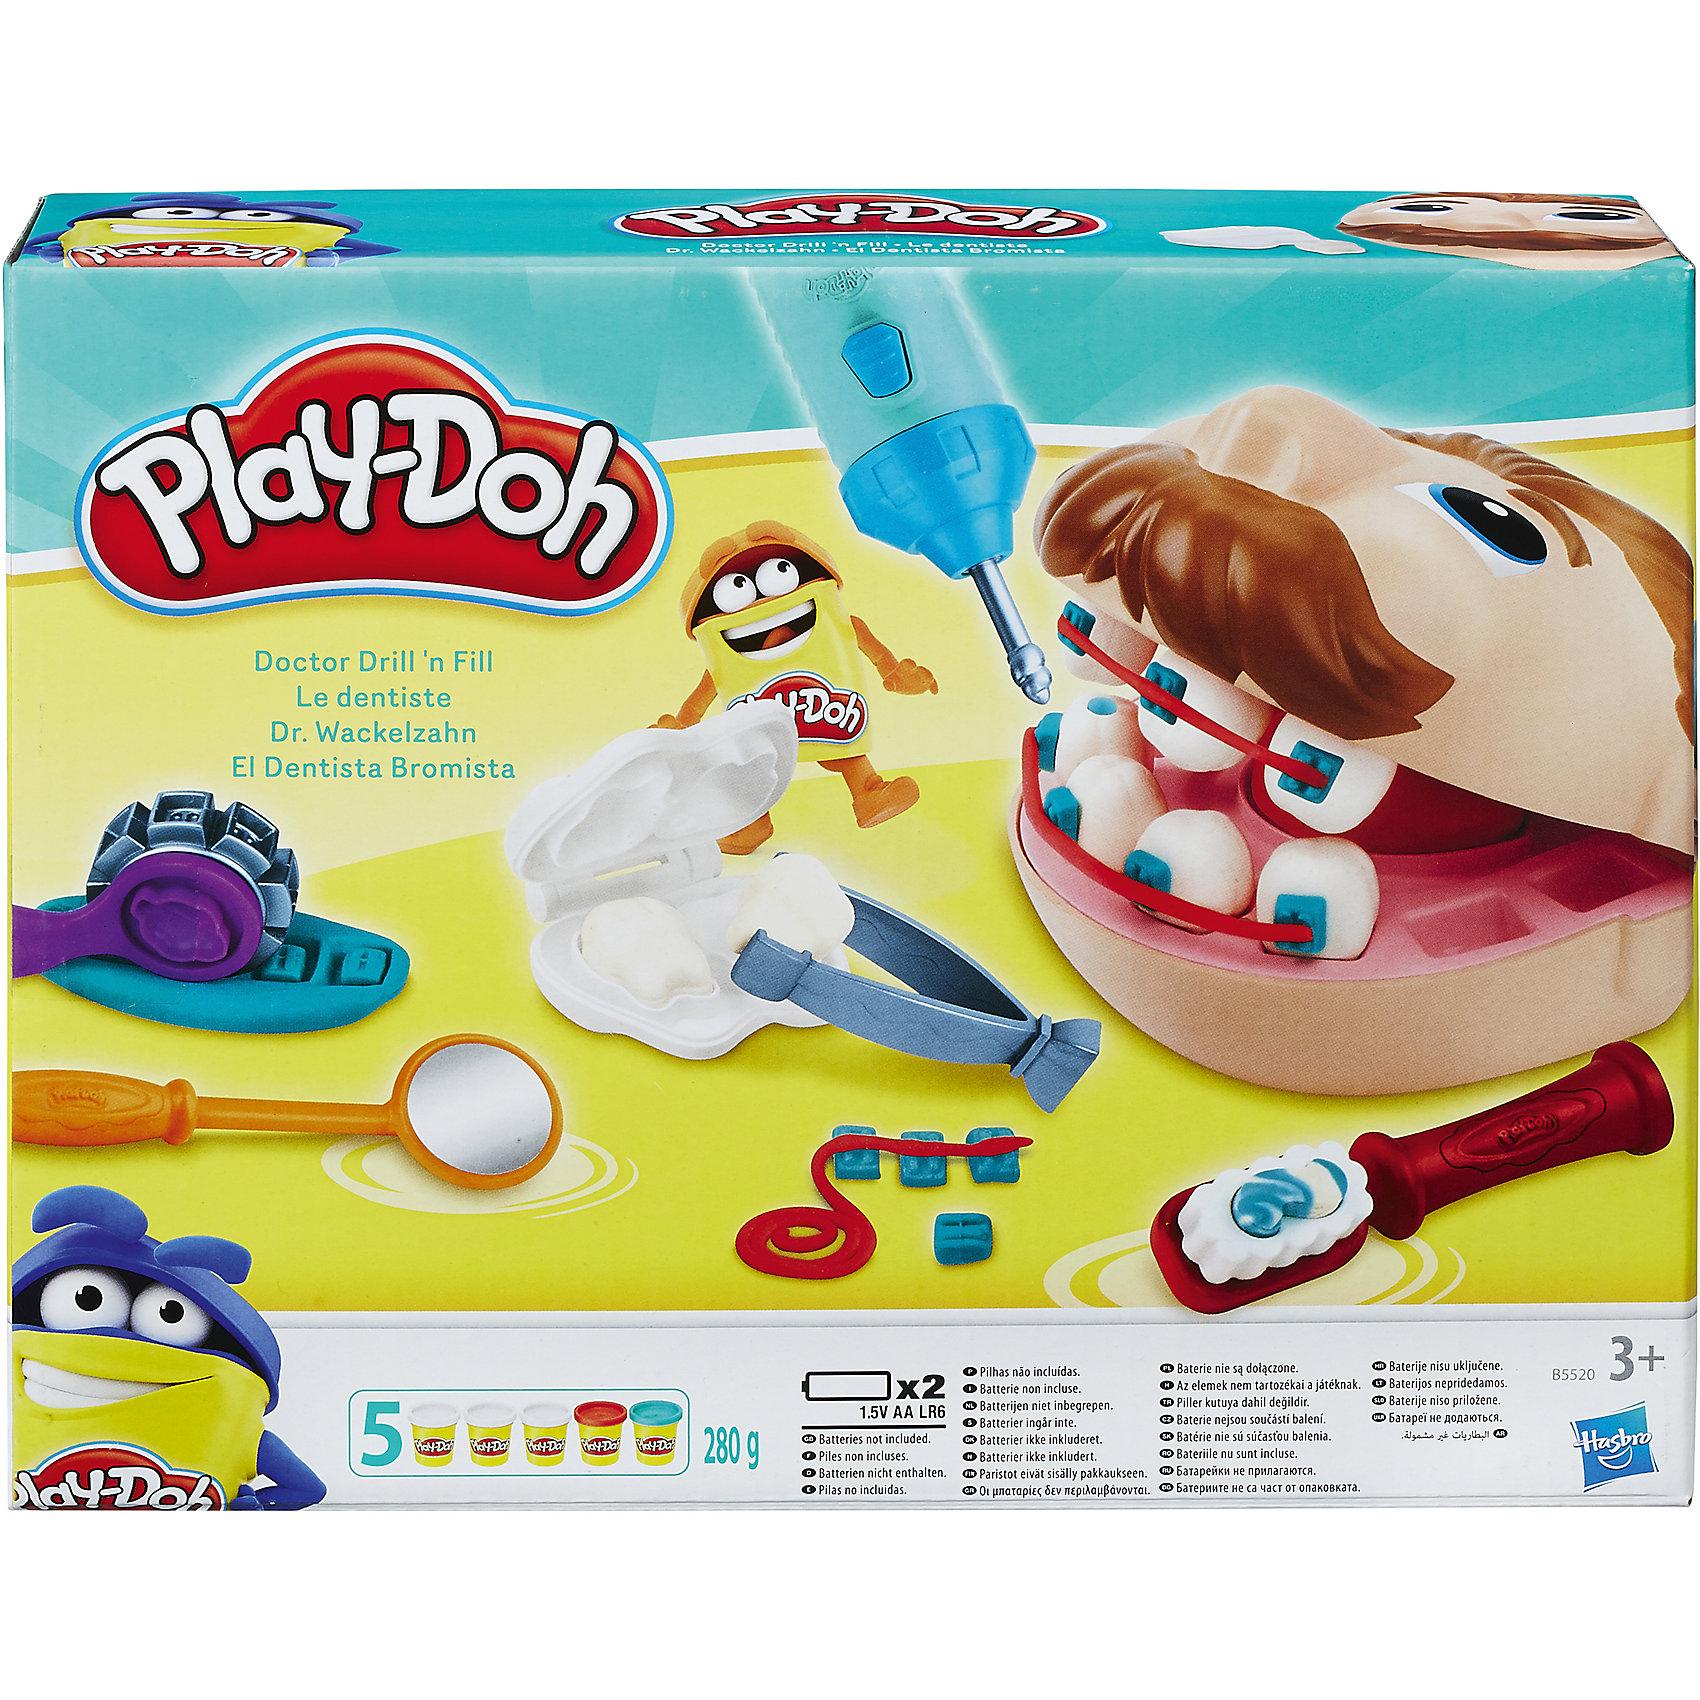 Игровой набор Мистер Зубастик (Ретро версия), Play-DohИгровой набор «Мистер Зубастик» от Play-Doh (Плей До) научит детей заботиться о зубах и не бояться зубных врачей.<br><br>С этим набором ребенок может самостоятельно решить, поставить пломбу или брекеты, а может и вовсе вырвать лишний зуб! Для этого в наборе есть три баночки пластелина Play-Doh и инструменты стоматолога: бормашина, которая работает как настоящая, пинцет, щётка и многое другое. С их помощью обязательно получится вылечить все зубки мистера Зубастика!<br><br>Дополнительная информация:<br><br>В комплекте:<br>- три баночки пластилина разных цветов <br>- игрушечная голова пациента<br>- инструменты стоматолога (бормашина, пинцет, зубная щетка, подставка для изготовления зубов, другие инструменты)<br><br>Батарейки: 2 батарейки x AA/LR06 не входят в комплект. <br>Размер упаковки (д/ш/в): 25,7 х 25,2 х 8,9 см.<br><br>Примечание для родителей: пластилин Play-Doh содержит пшеницу и изготовлен из натуральных пищевых продуктов, поэтому абсолютно безопасен для здоровья.<br><br>Игровой набор Мистер Зубастик (ретро версия), Play-Doh можно купить в нашем интернет - магазине.<br><br>Ширина мм: 283<br>Глубина мм: 218<br>Высота мм: 68<br>Вес г: 791<br>Возраст от месяцев: 36<br>Возраст до месяцев: 72<br>Пол: Унисекс<br>Возраст: Детский<br>SKU: 4678449